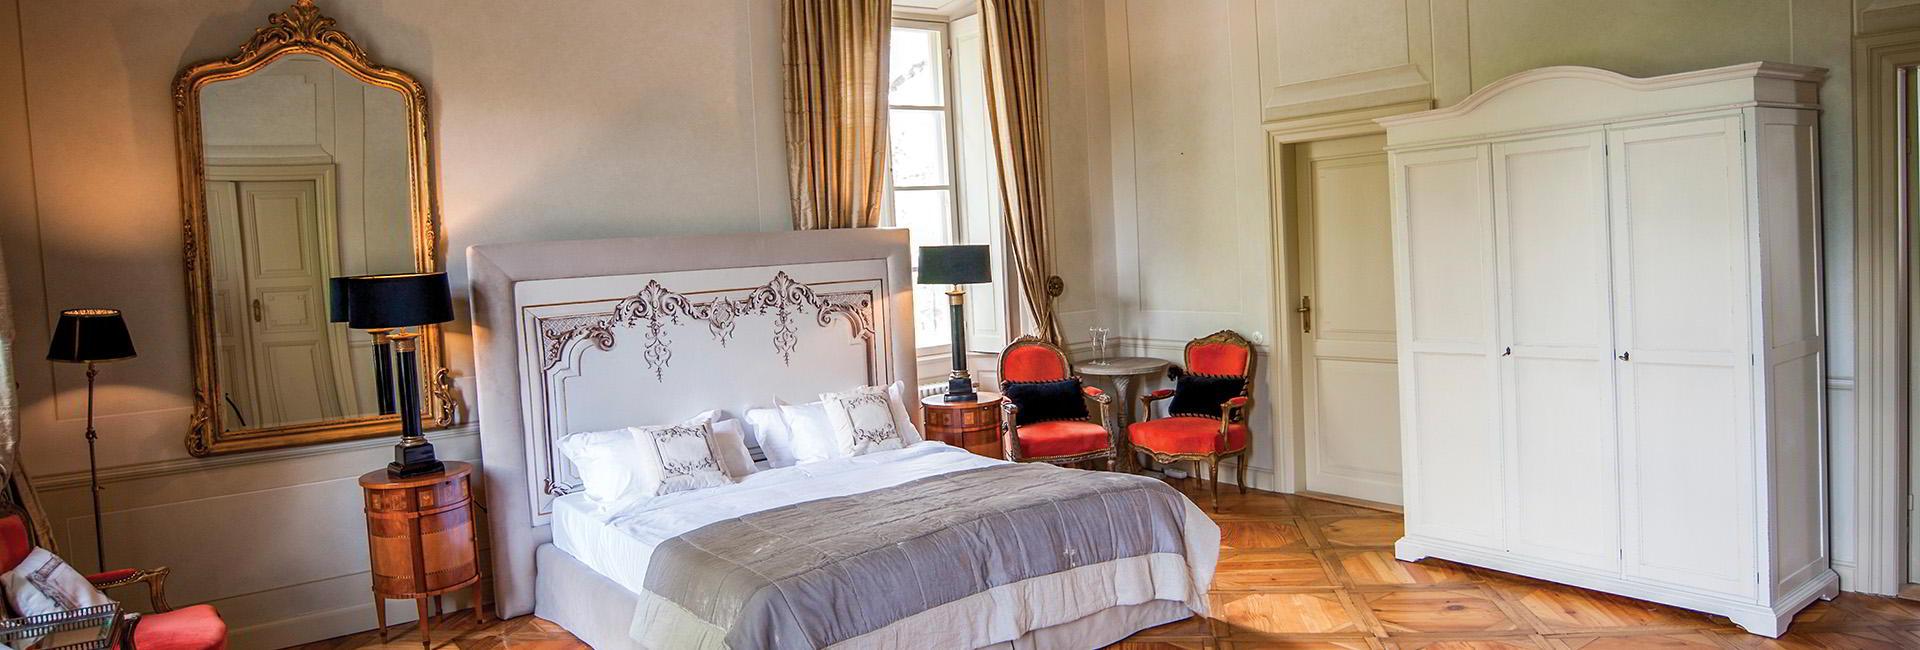 Room at Hotel Mala Wies Palace